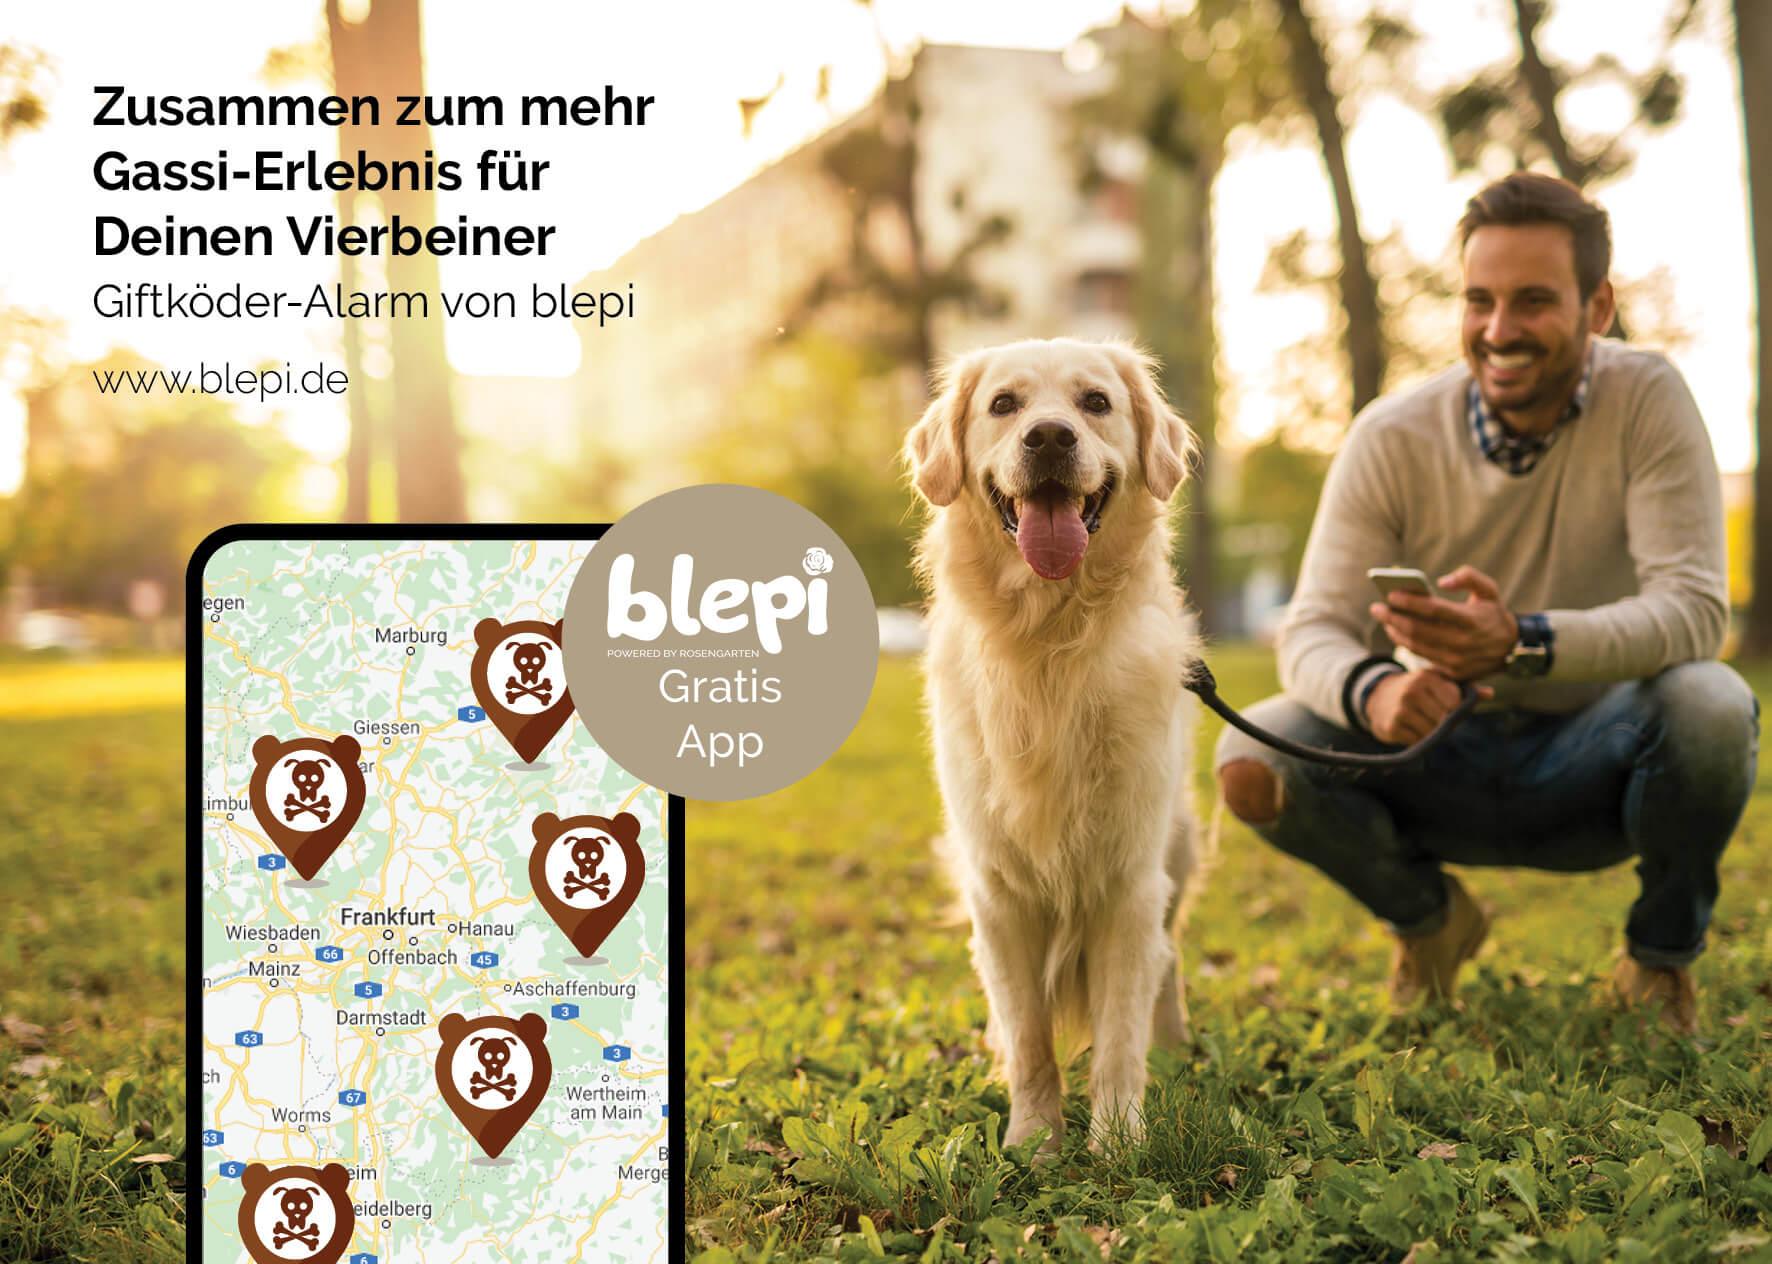 Hund an der Leine mit Besitzer - Blepi-App im Vordergrund